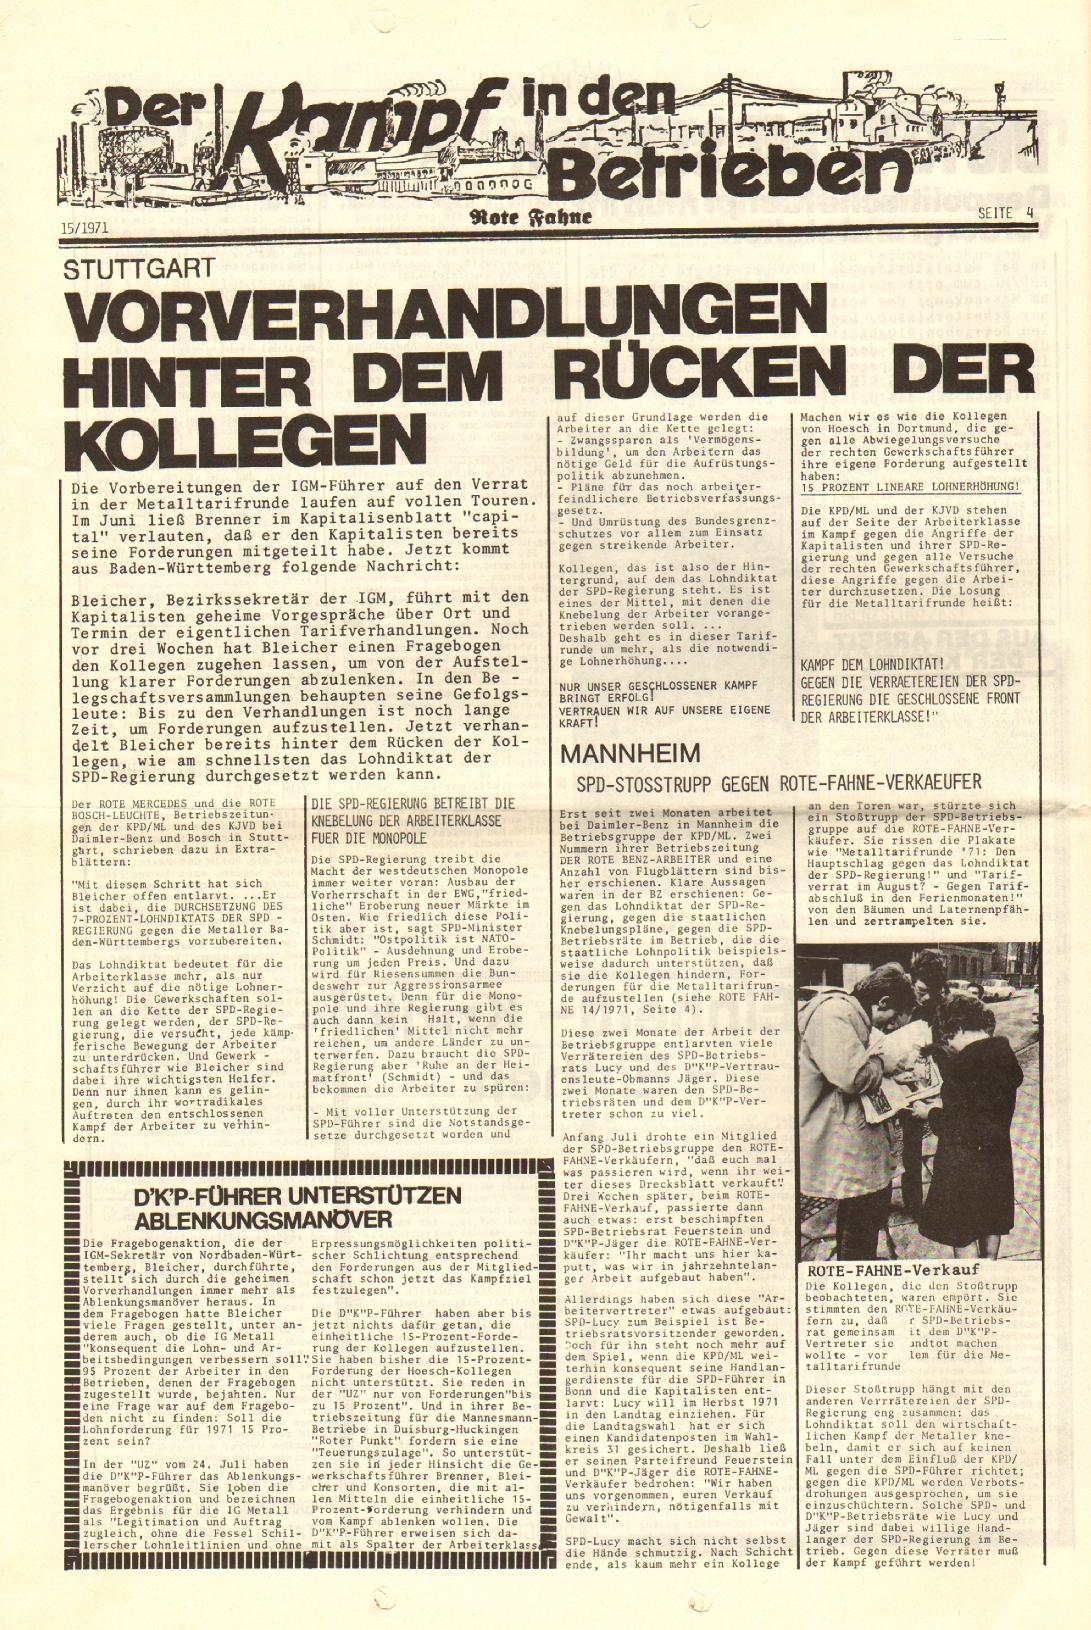 Rote Fahne, 2. Jg., 2.8.1971, Nr. 15, Seite 4